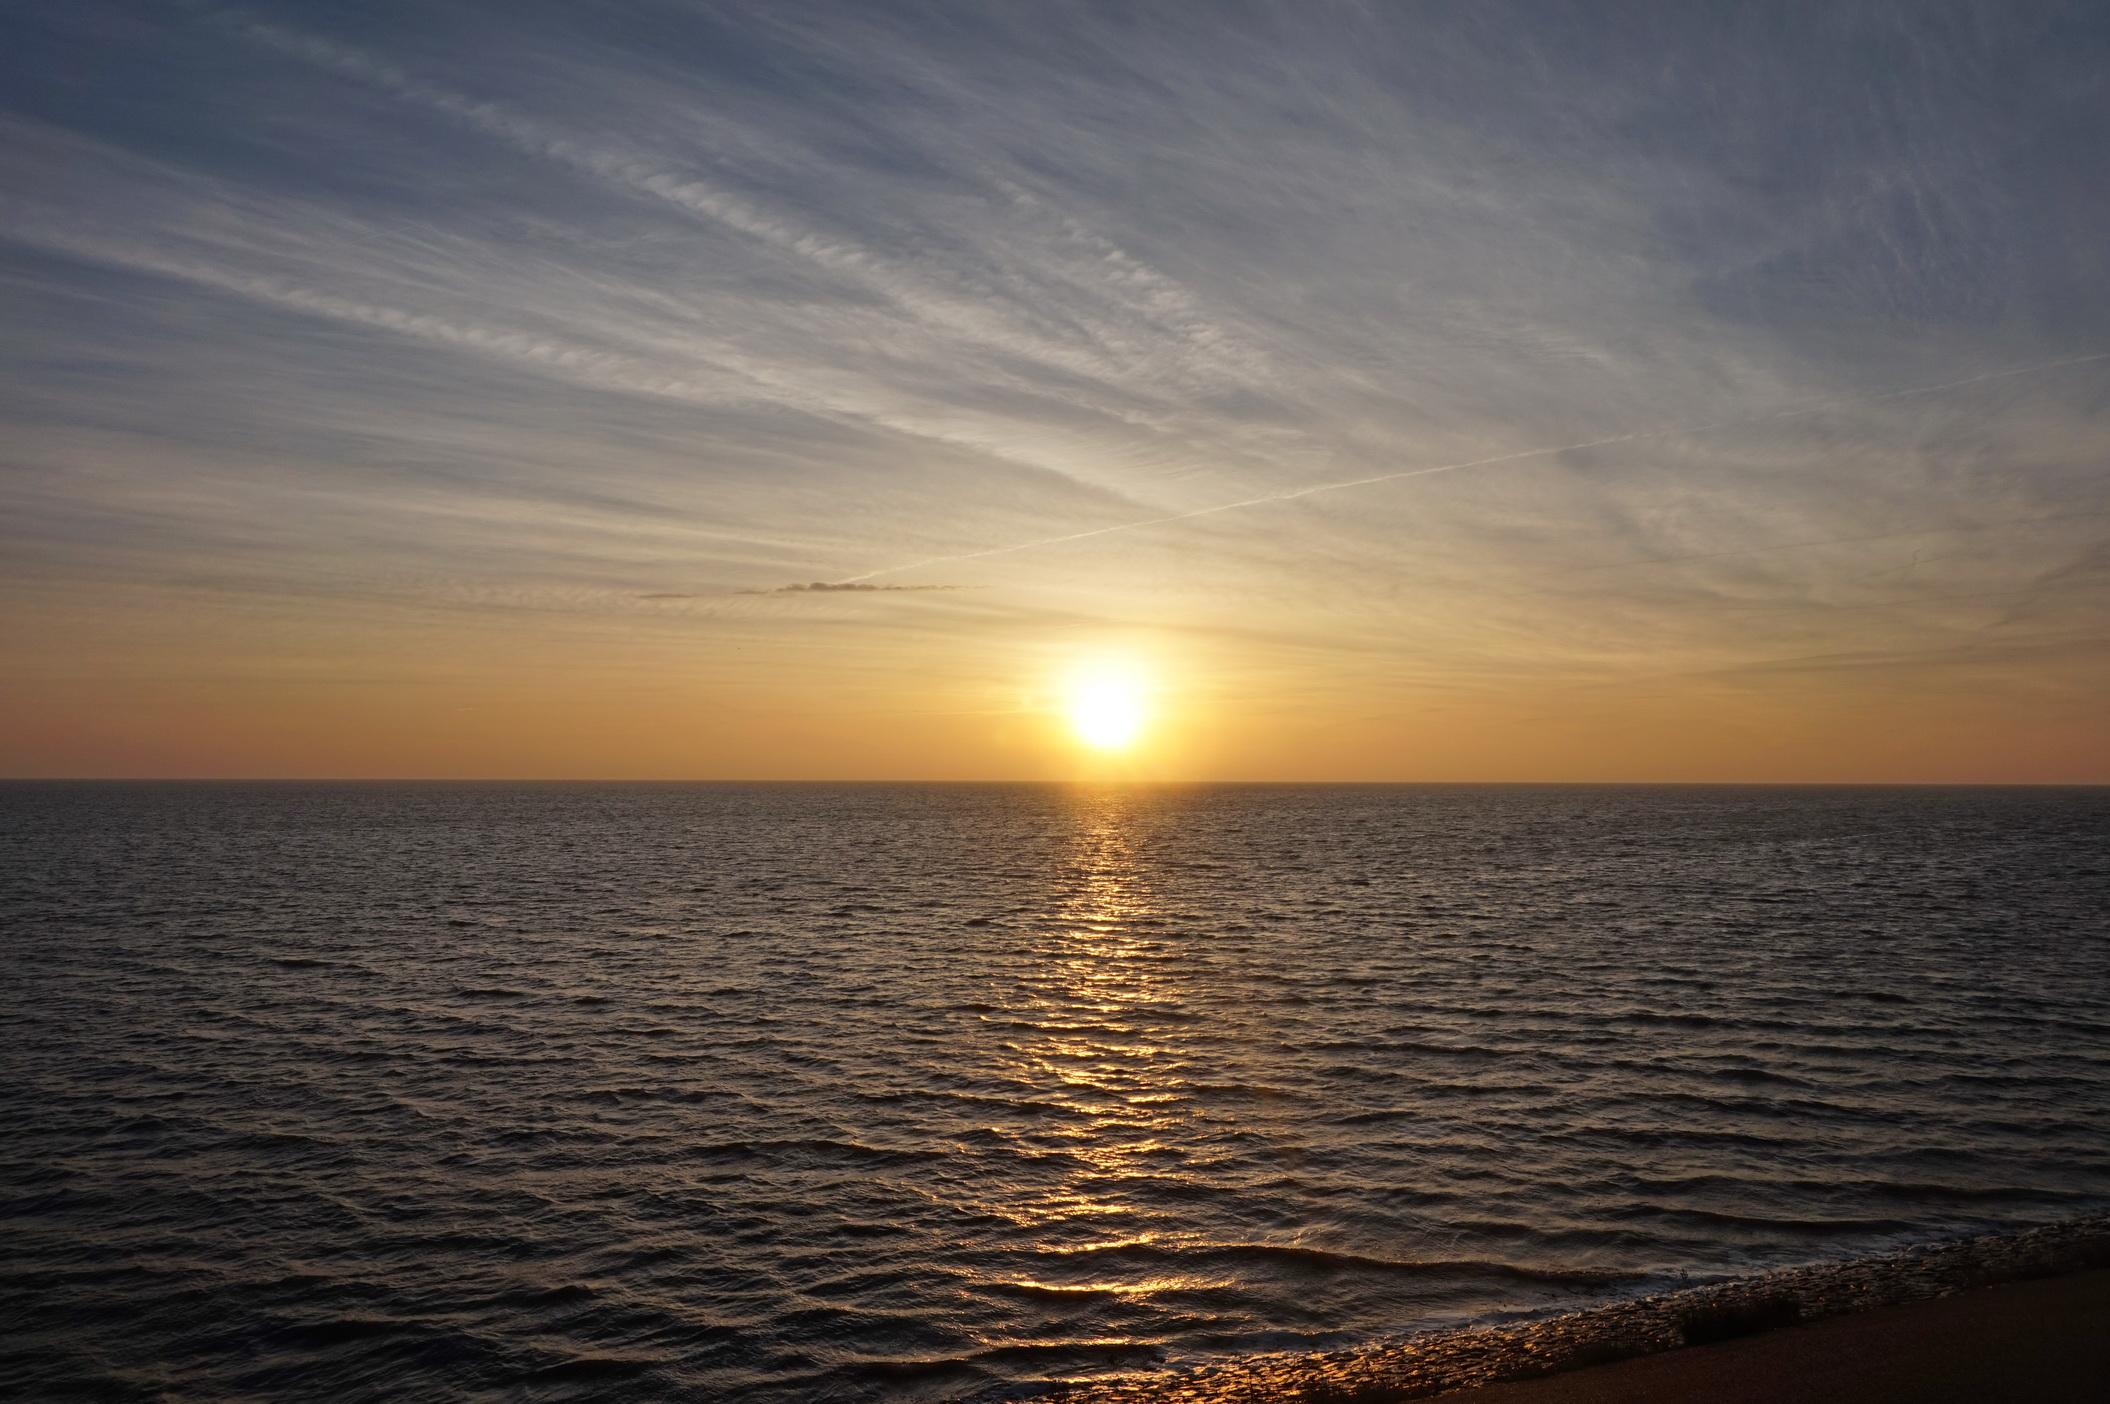 Texel - Sonnenaufgang am Deich